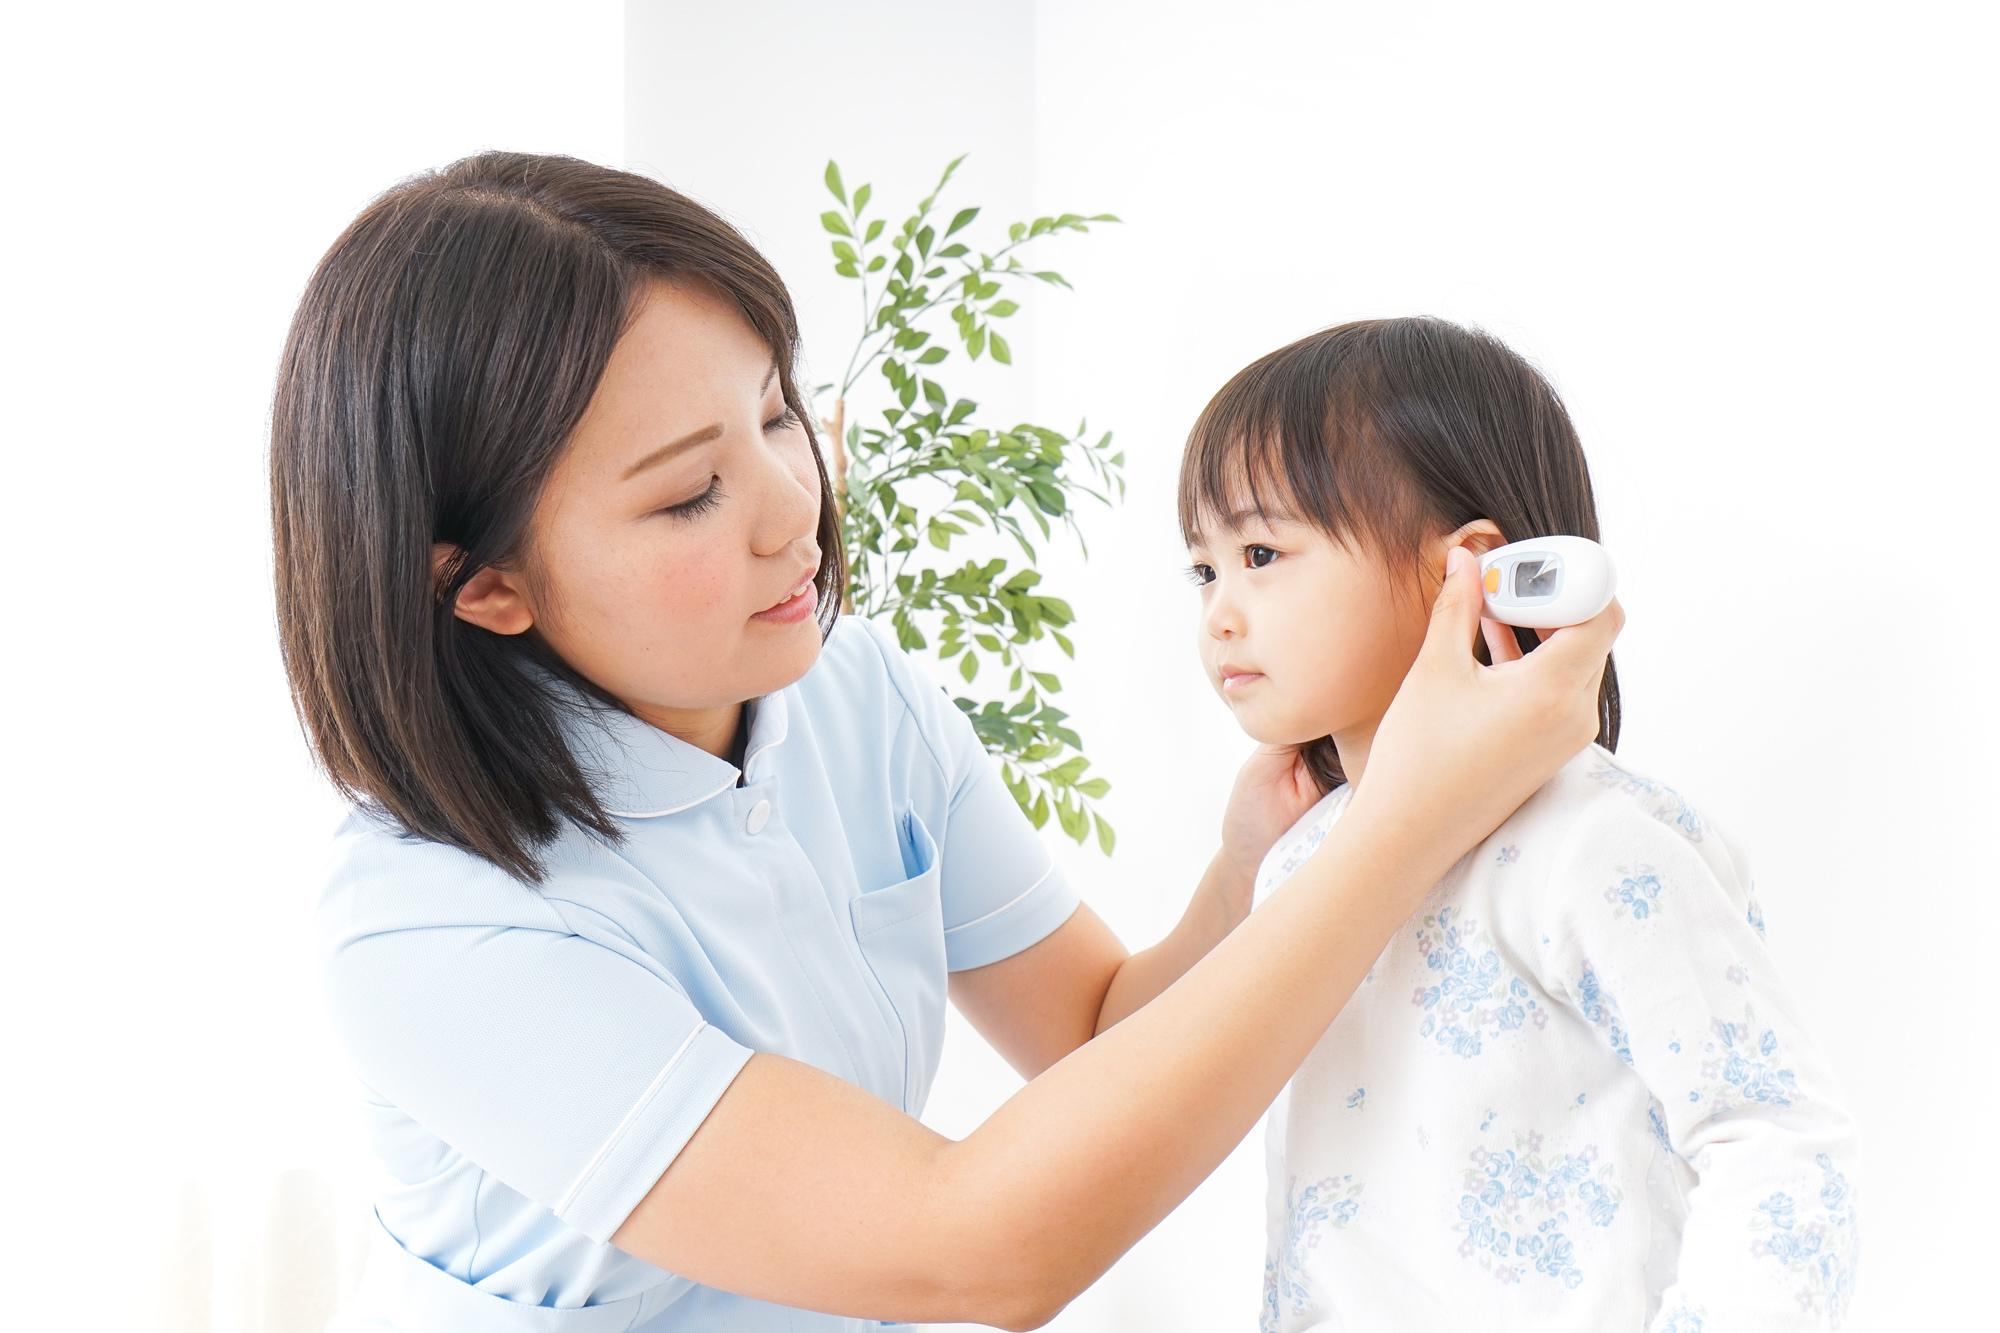 耳鼻科クリニックで看護師単発バイト